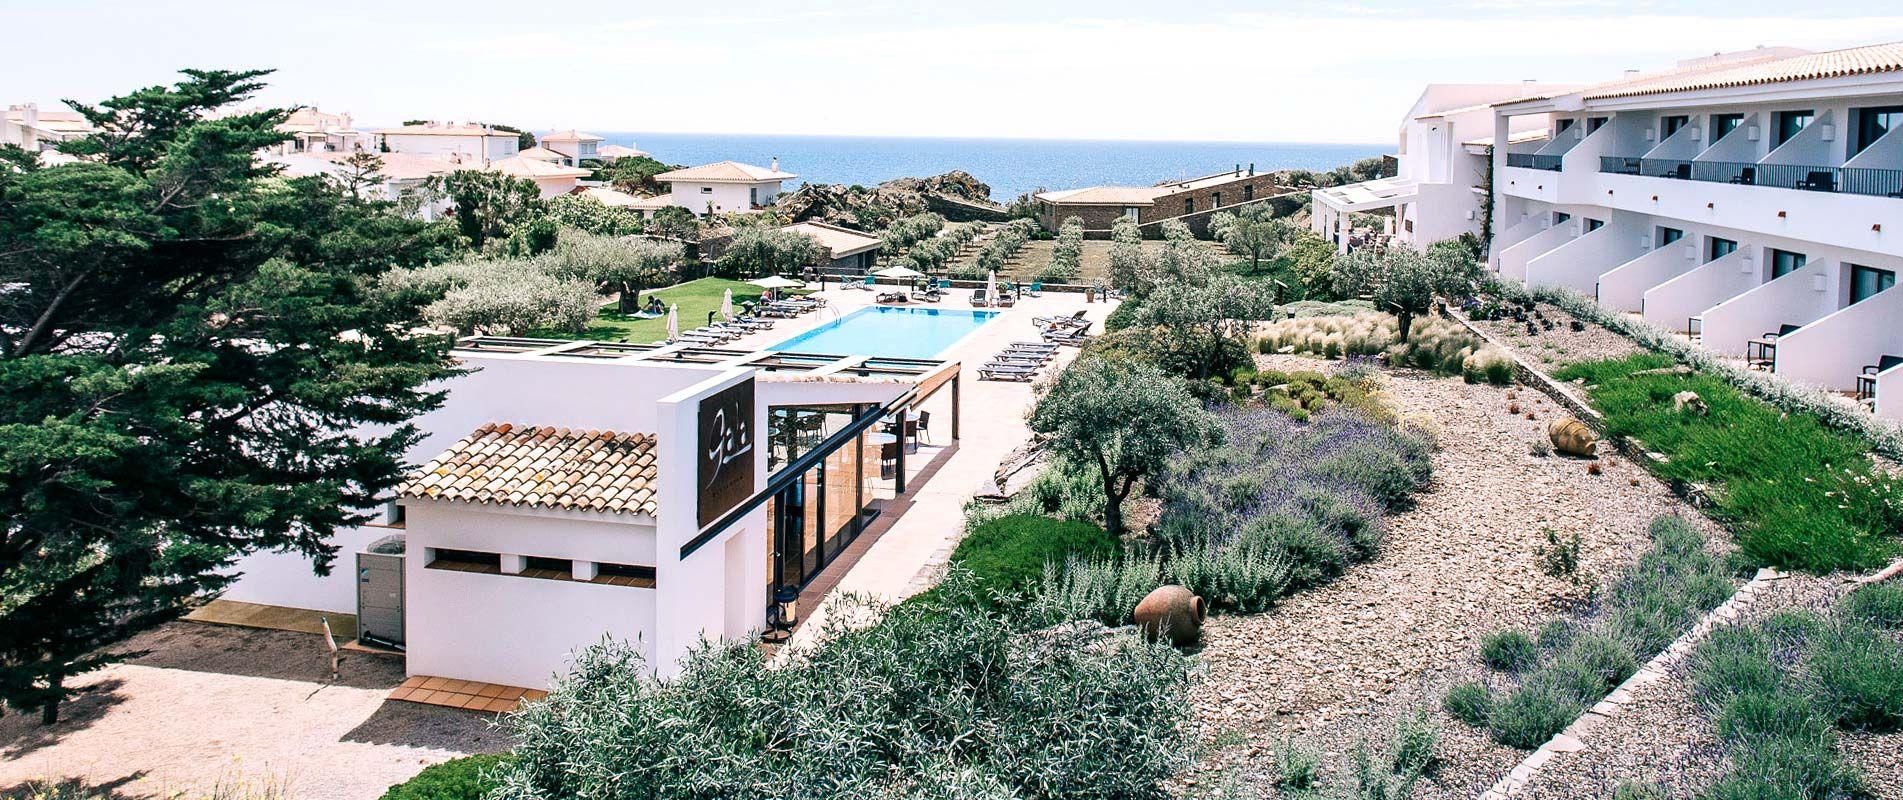 Benvinguts a l'Hotel Sol Ixent: